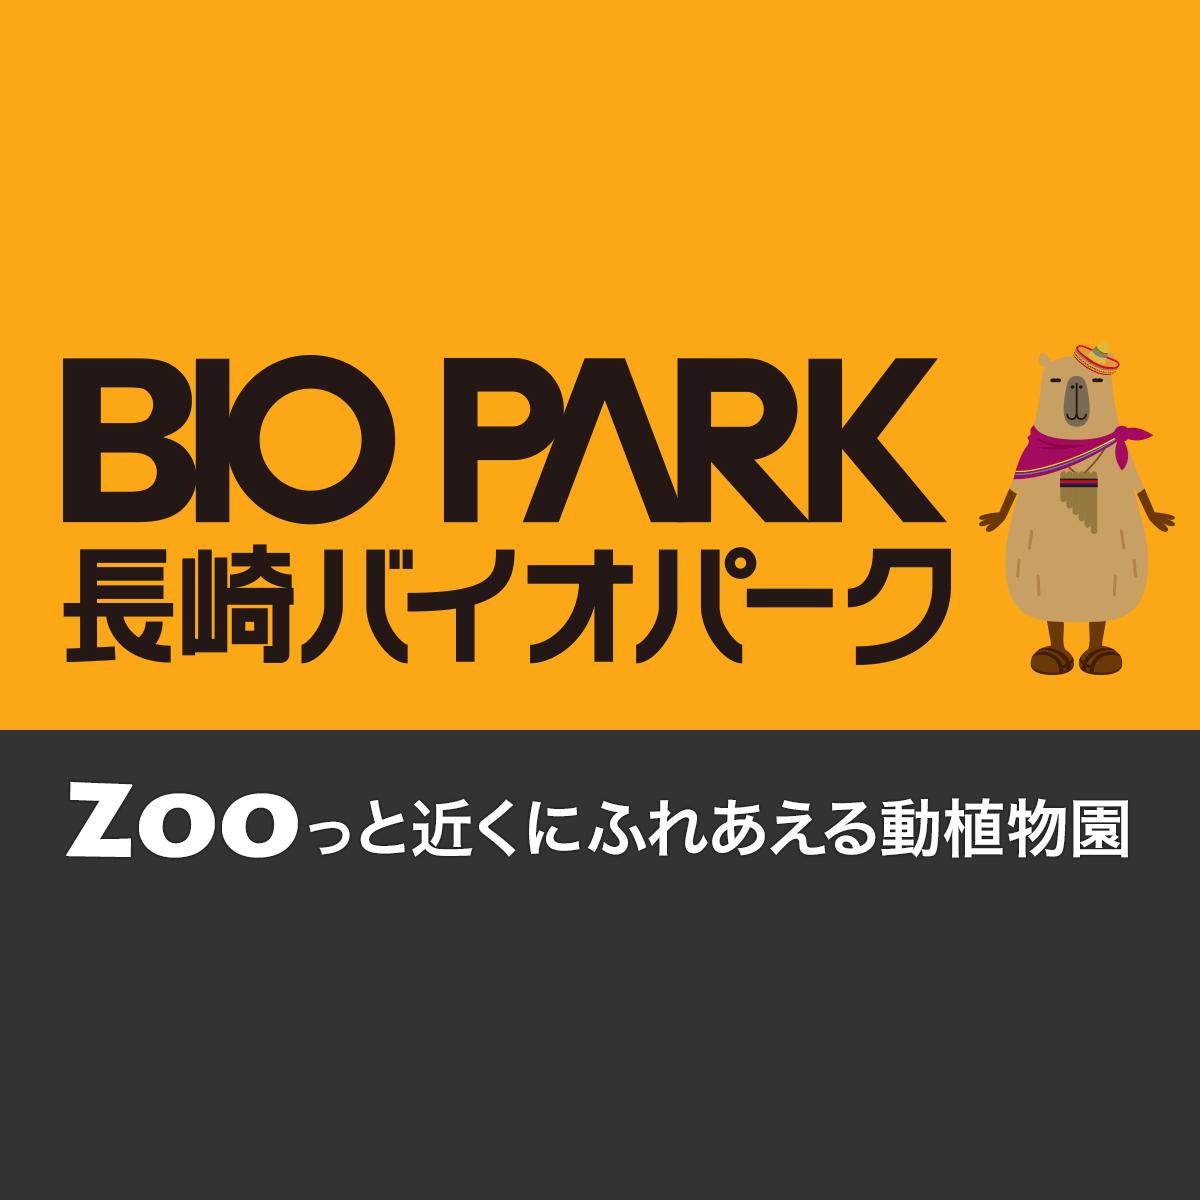 交通アクセス | 長崎バイオパーク - ZOOっと近くにふれあえる九州の動物園&植物園